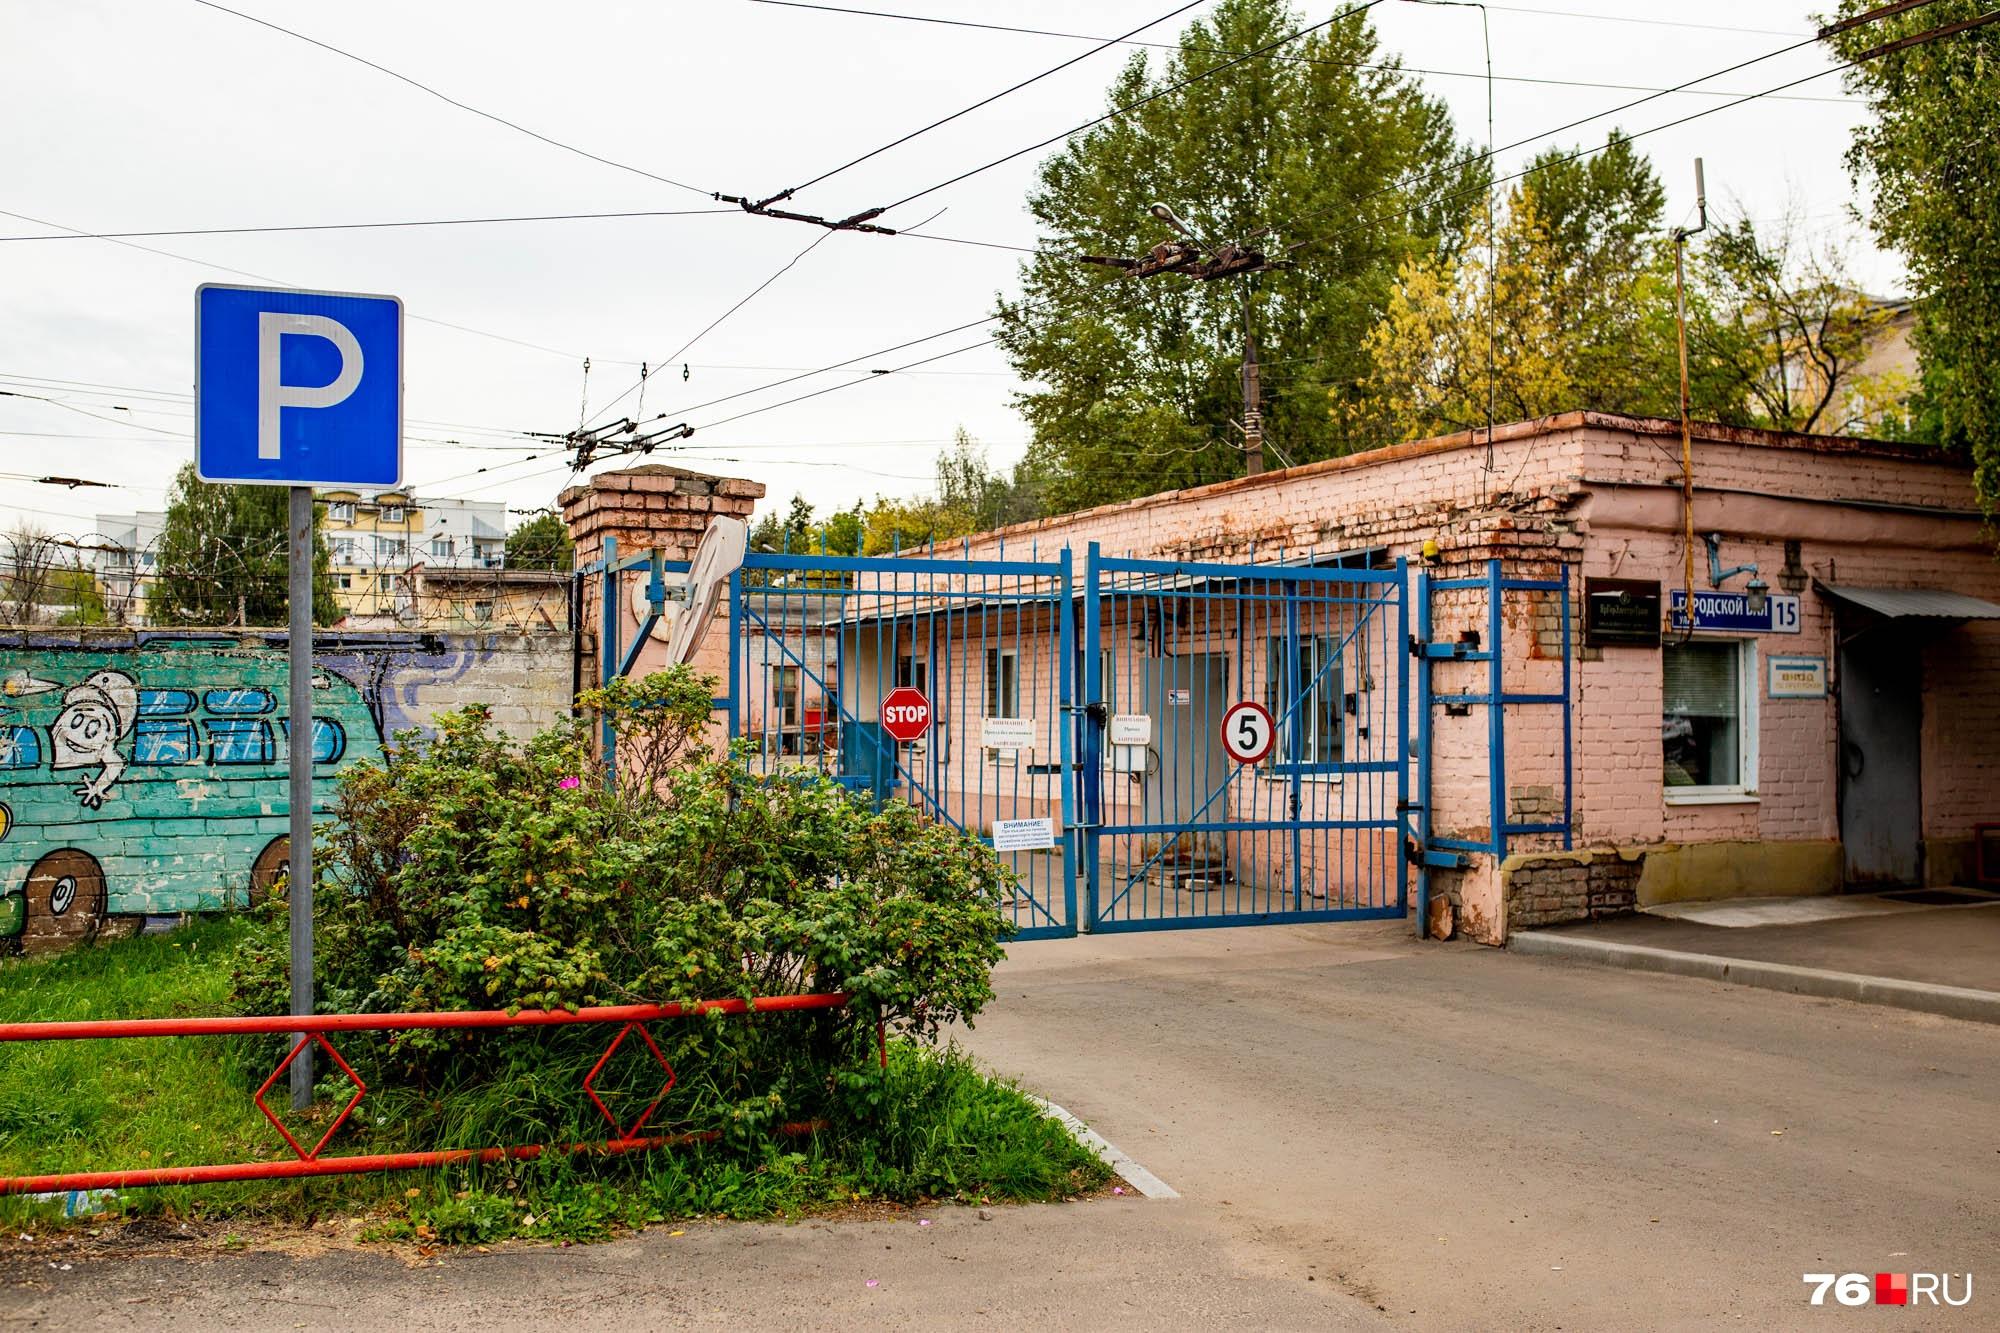 Троллейбусное депо №1 занимает солидную площадку на улице Городской вал